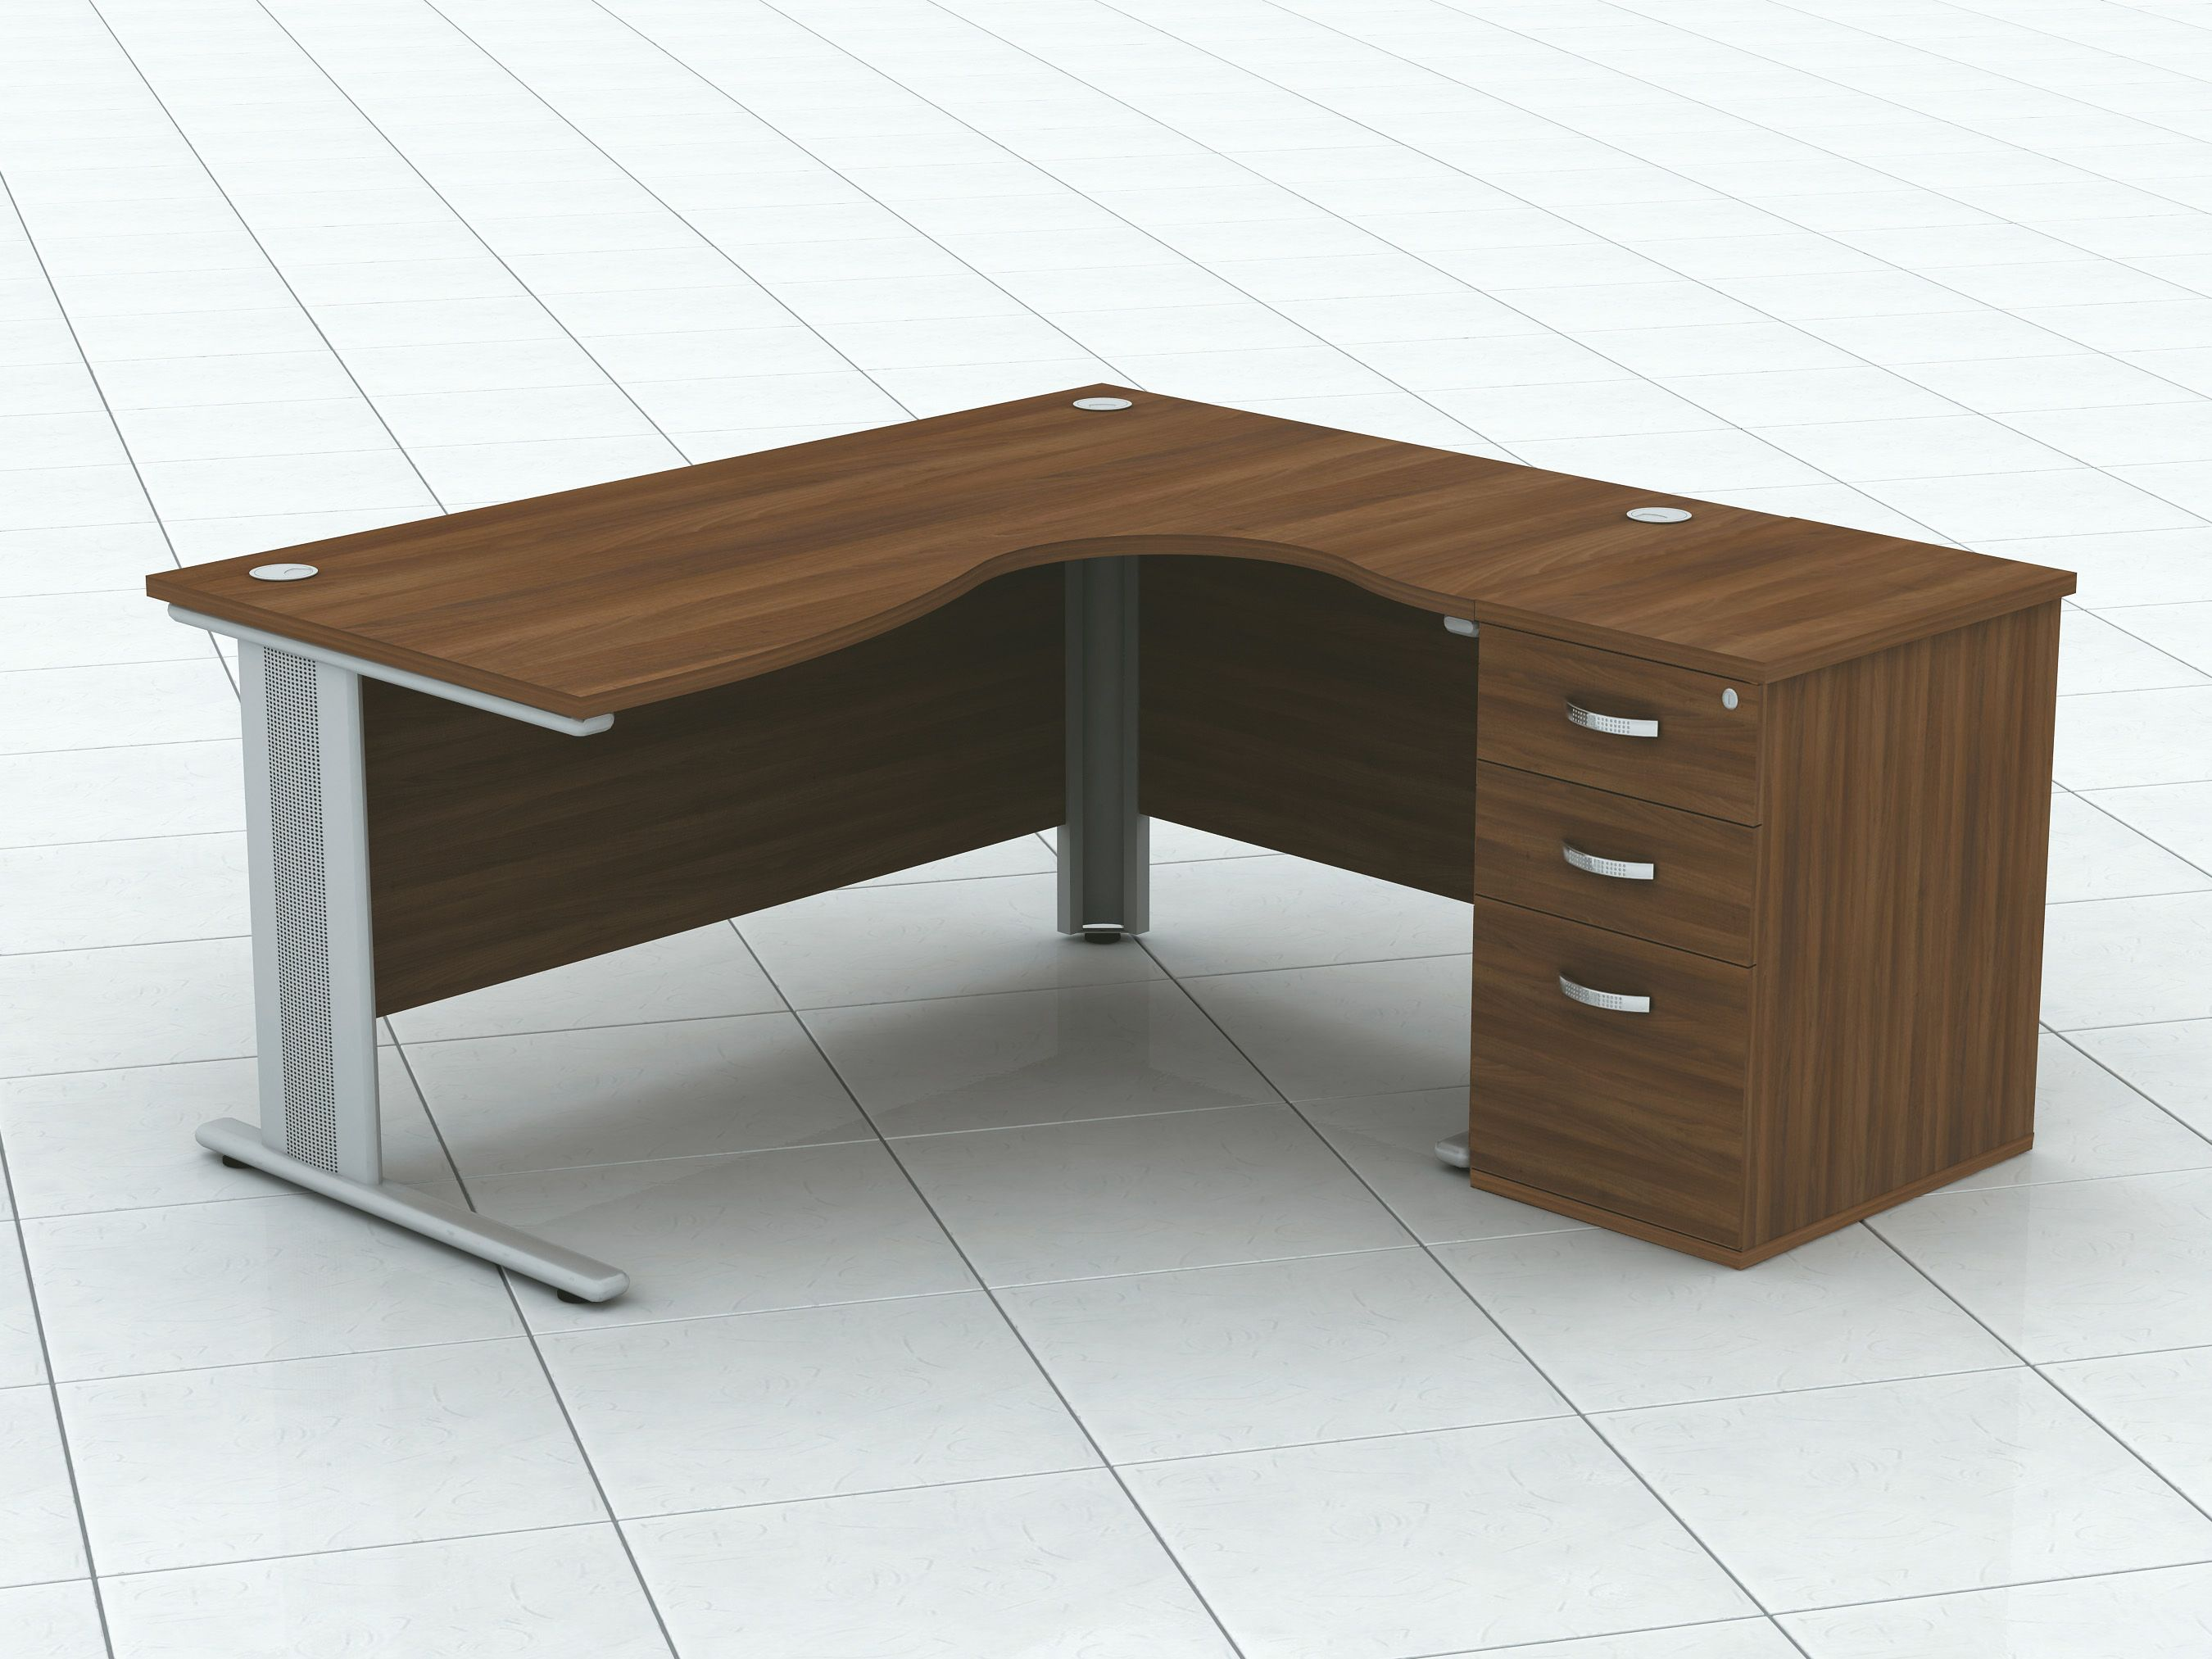 Qudos Crescent Shaped Desk And Desk High Pedestal By Imperial Desk Office Desk Home Decor